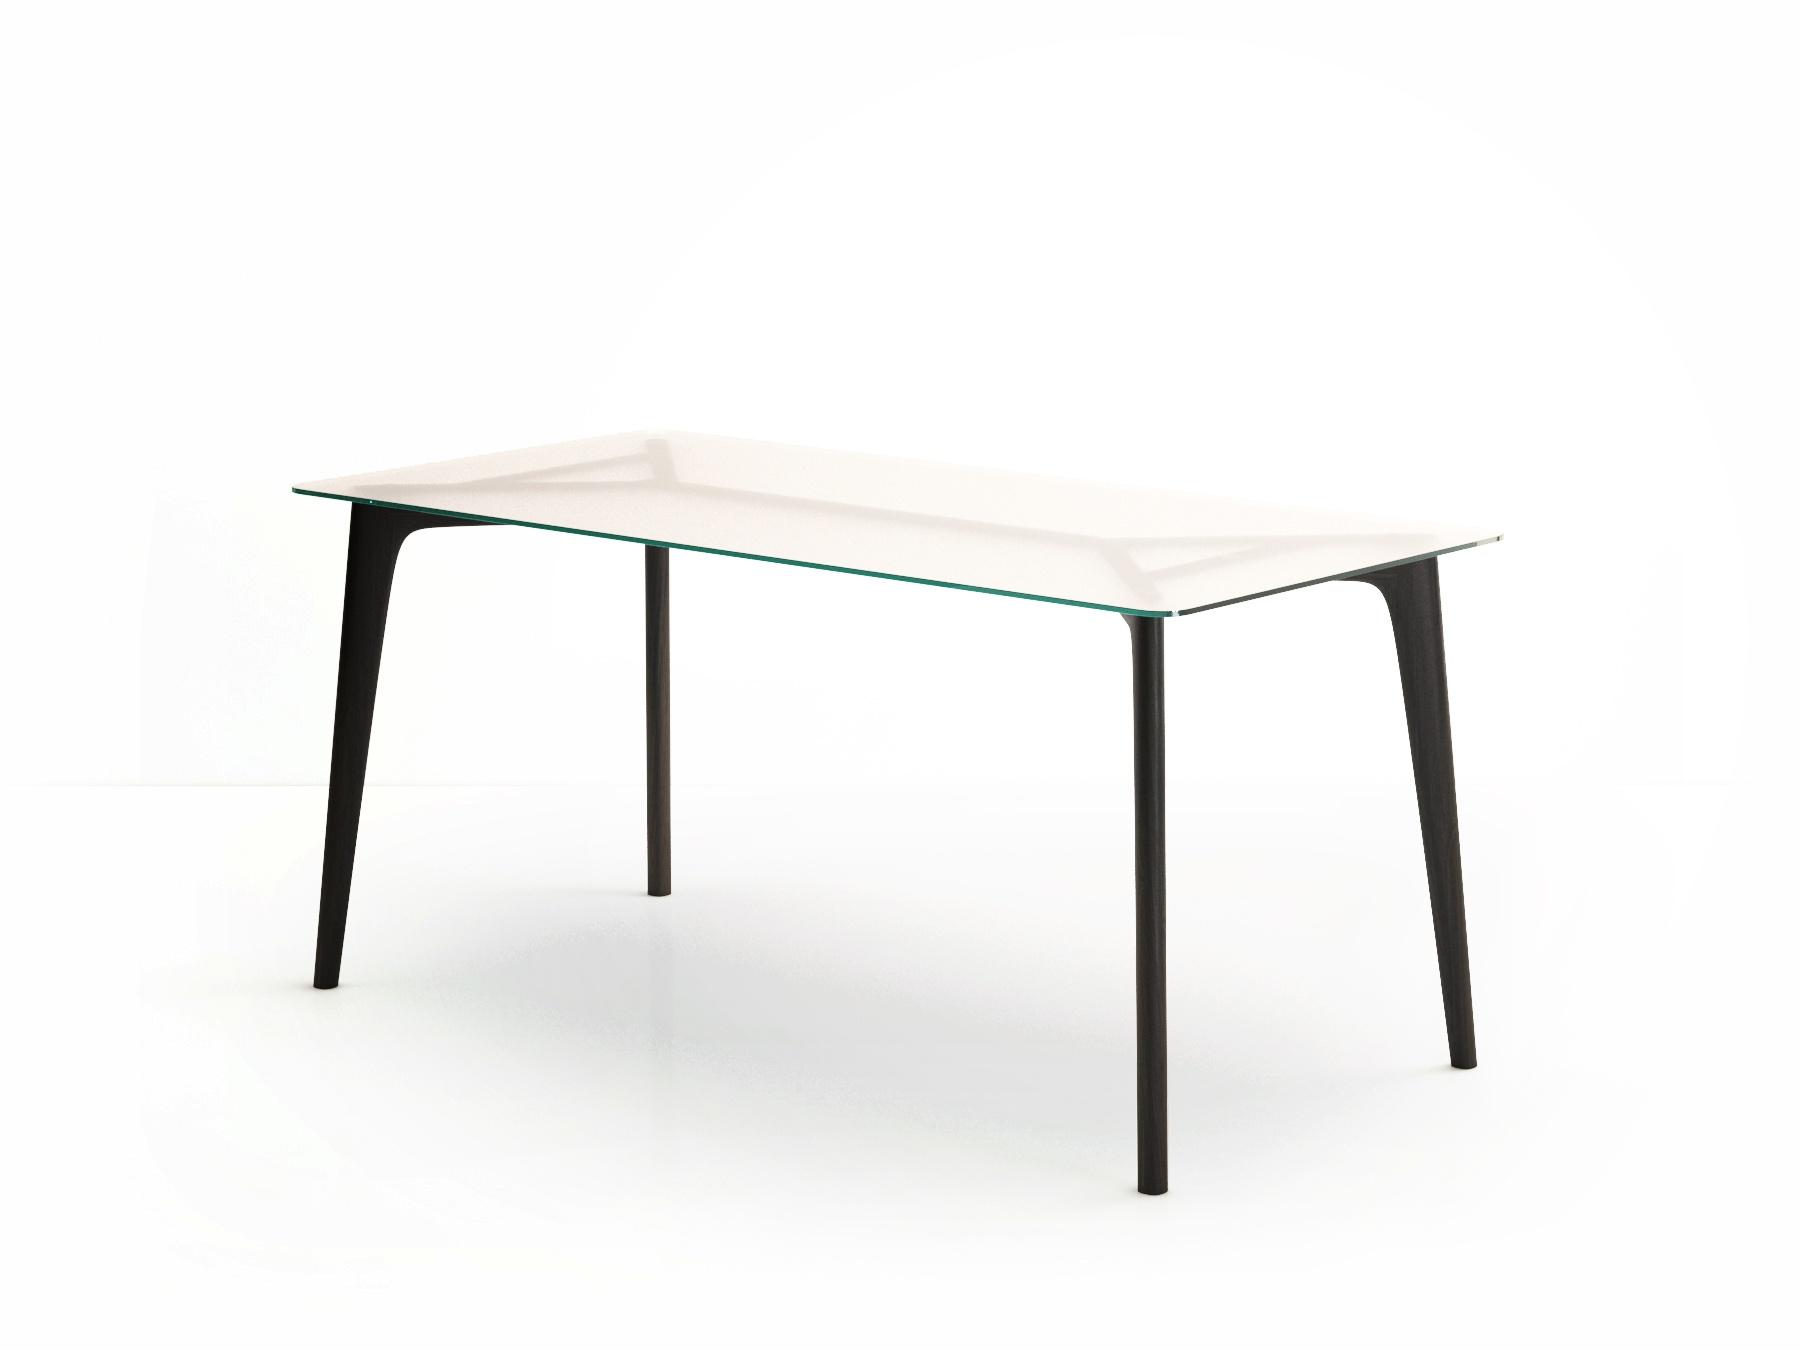 Обеденный стол FLOYDОбеденные столы<br>Обеденный стол FLOYD, объединяет в себе простоту, комфорт и индивидуальность.<br>Ножки выполнены из массива дуба и отвечают за его прочность.<br>столешница- матовое стекло, создающее ощущение легкости и невесомости.<br>Размеры стола позволяют комфортно разместится большому количеству людей.<br>Стол FLOYD доступен в пяти видах отделки: светлый дуб, темный дуб, дуб венге, беленый дуб, дуб орех.<br><br>Material: Стекло